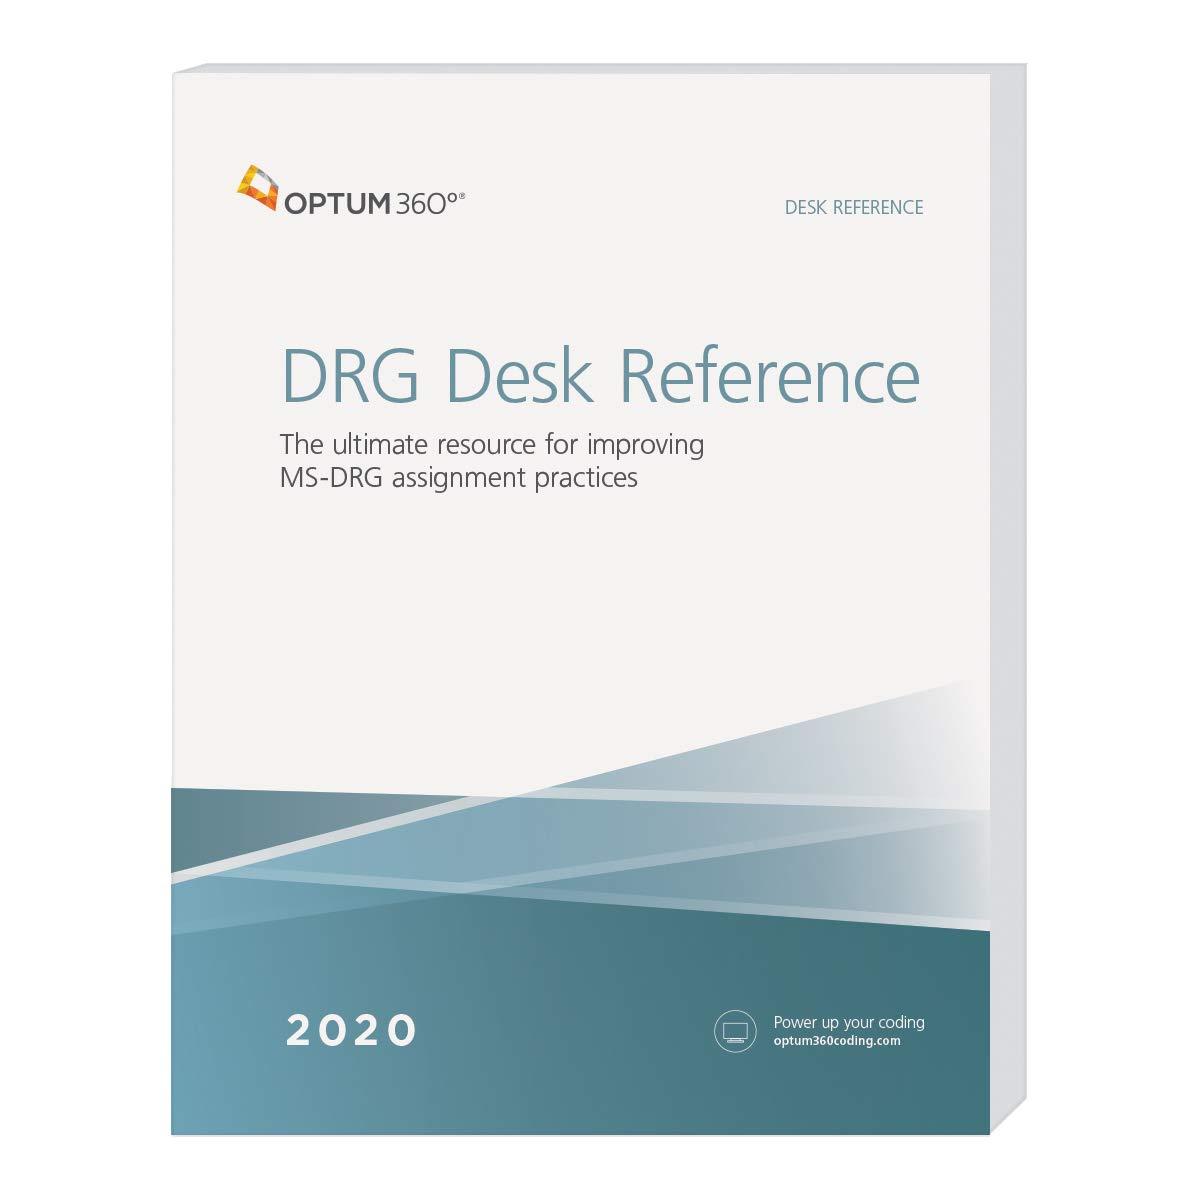 DRG Desk Reference 2020